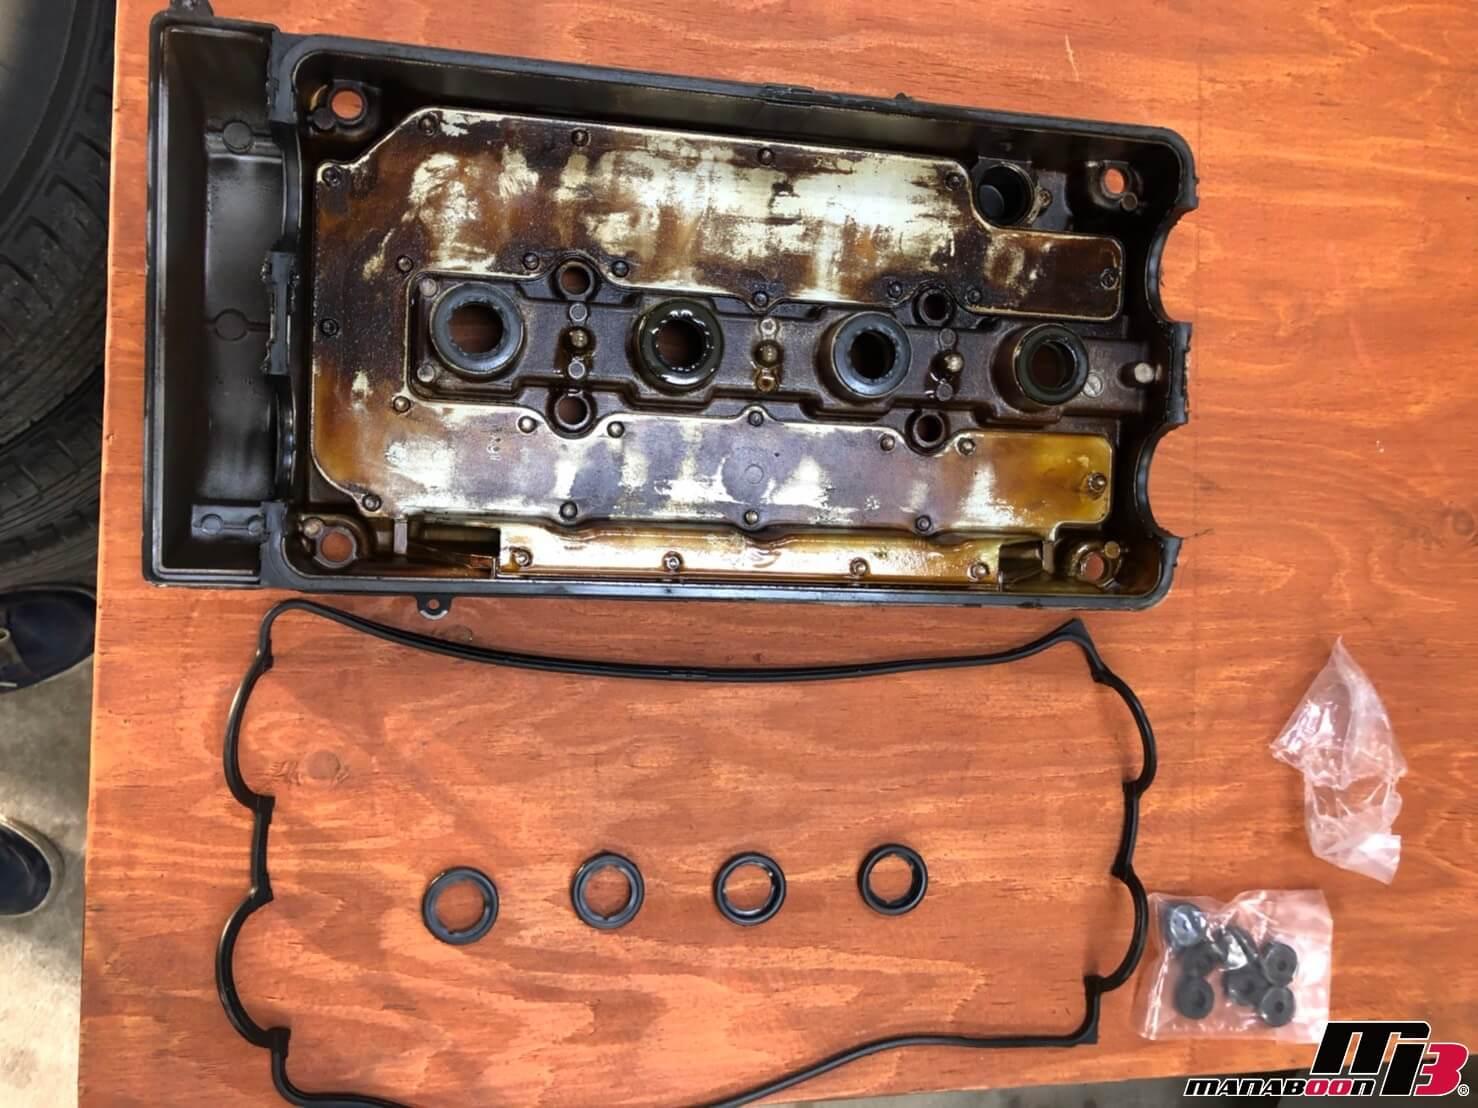 シビックSiR2(EG6)ヘッドカバーパッキン交換画像